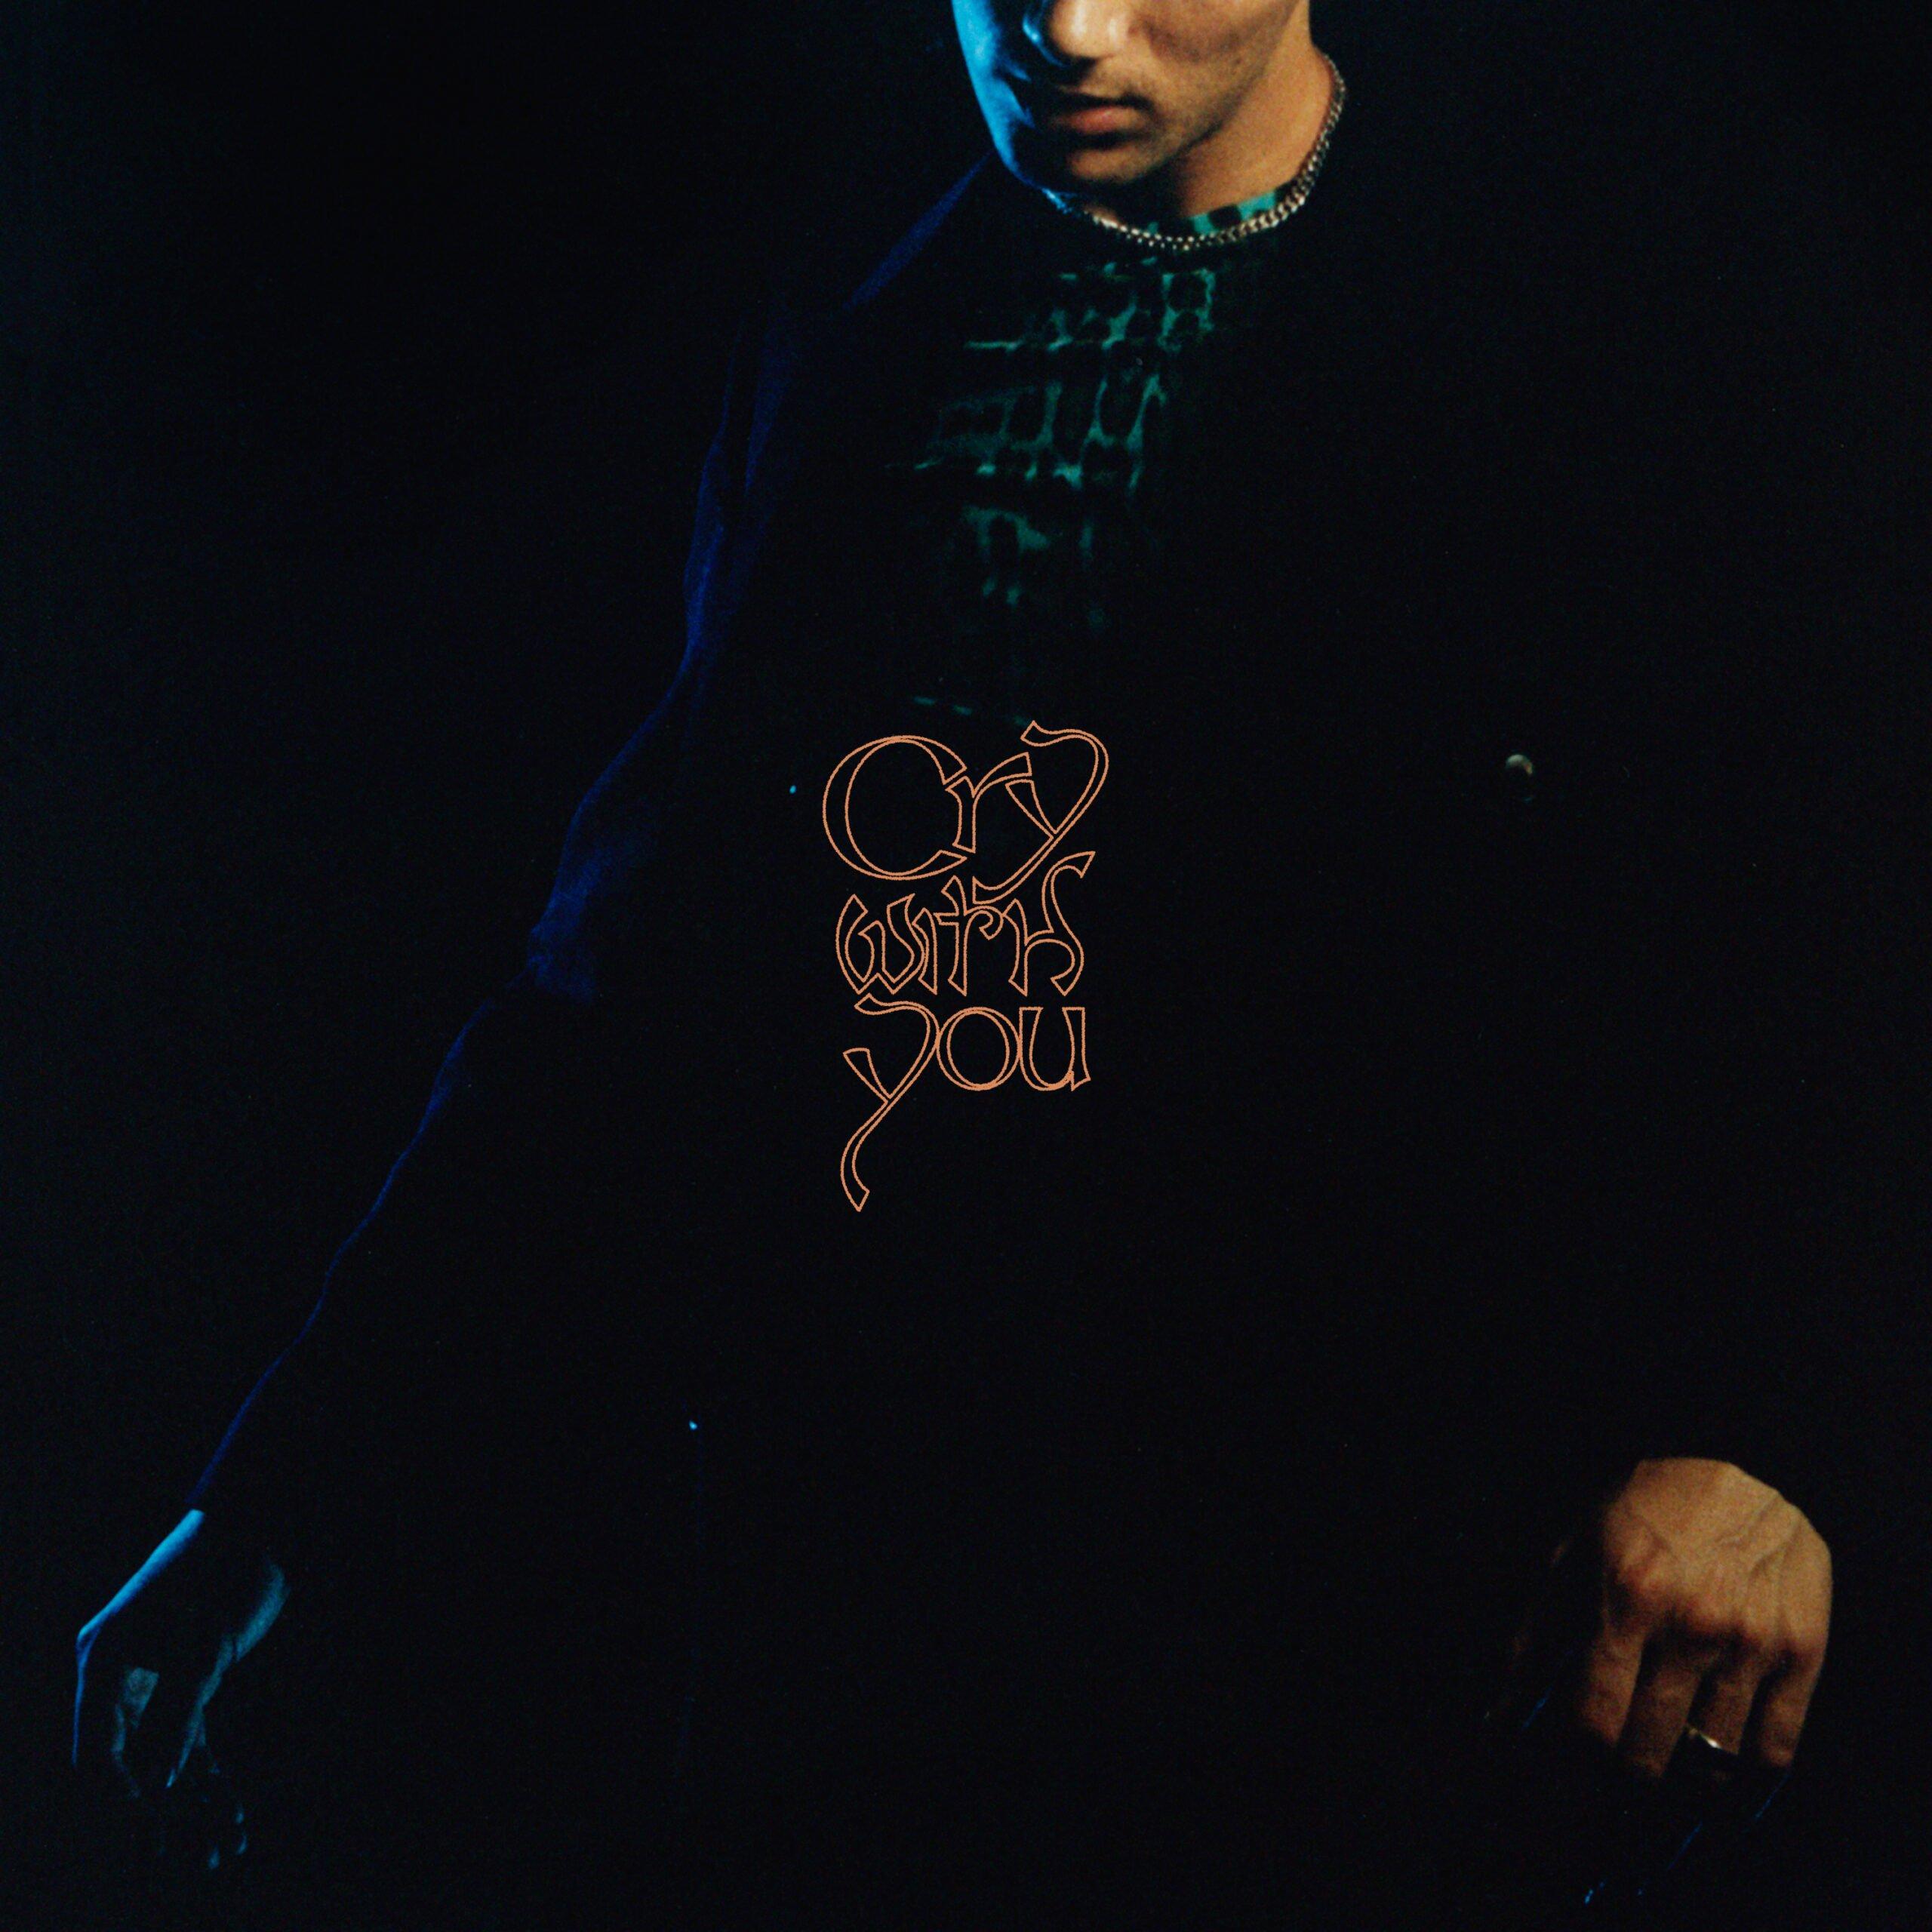 Image via Republic Records for 360 Magazine